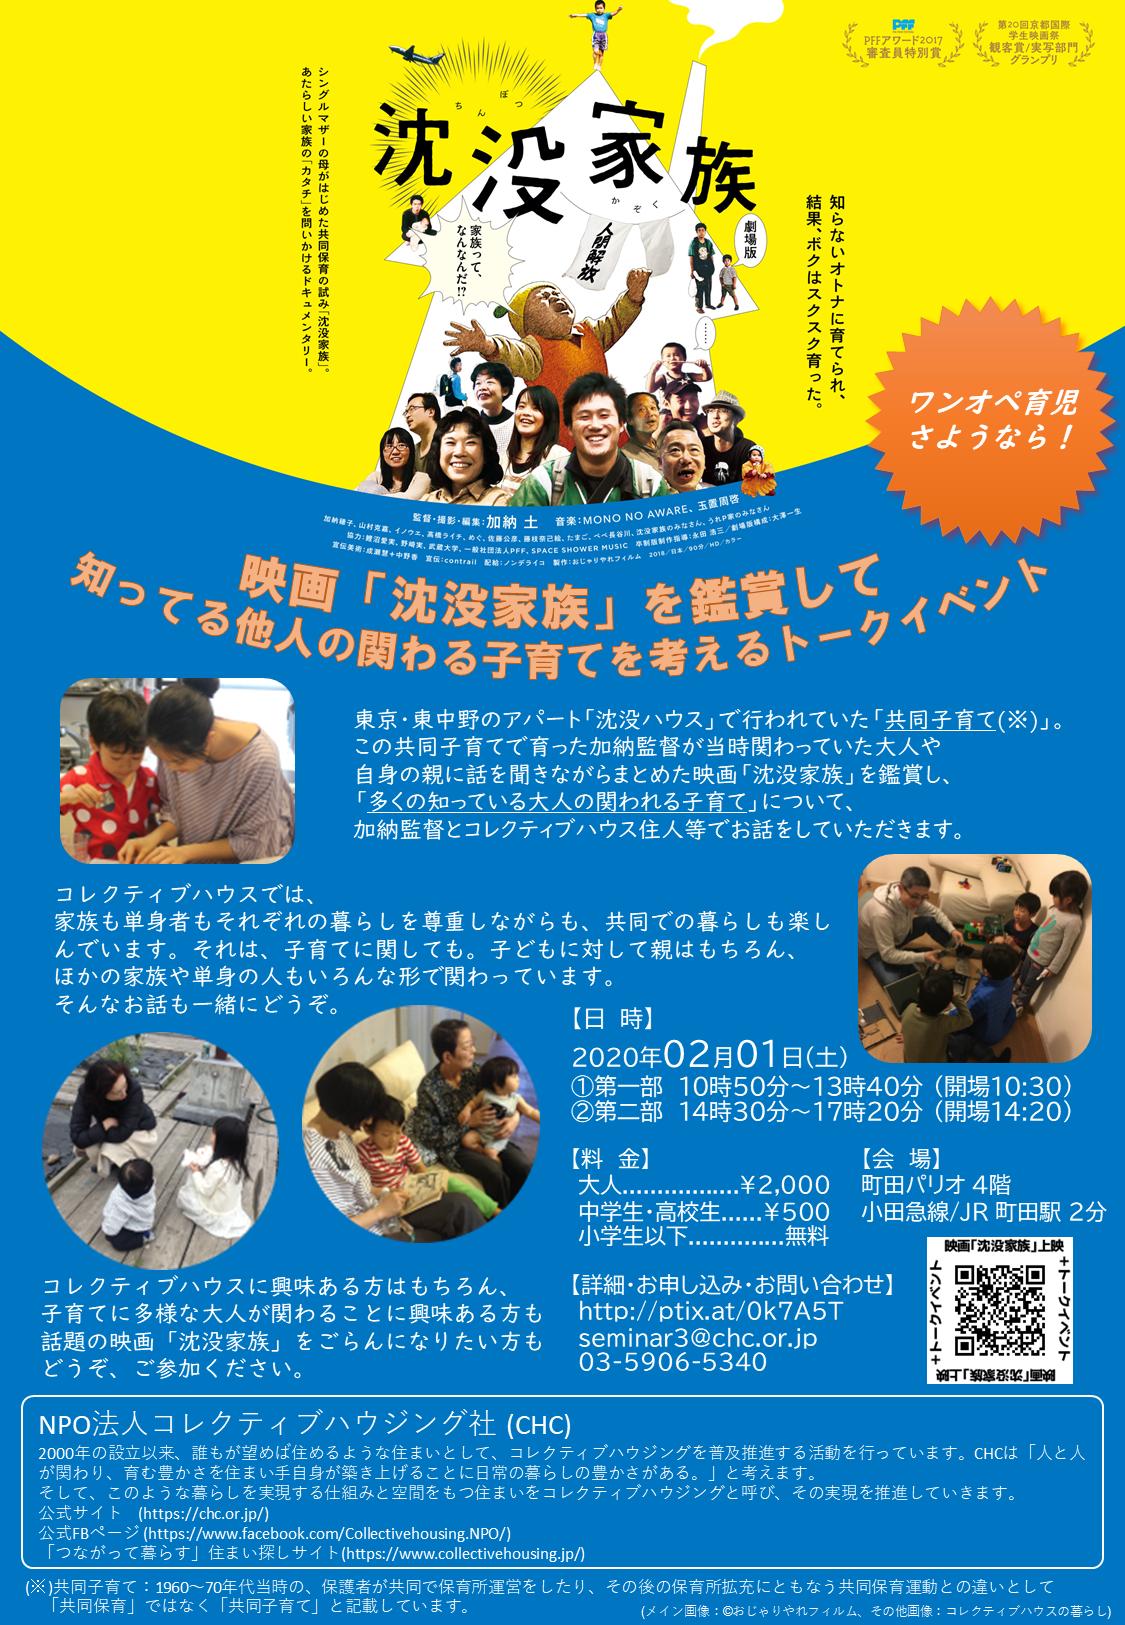 (2020/2/1)『映画「沈没家族」を鑑賞して知ってる他人の関わる子育てを考えるトークイベント』を開催します